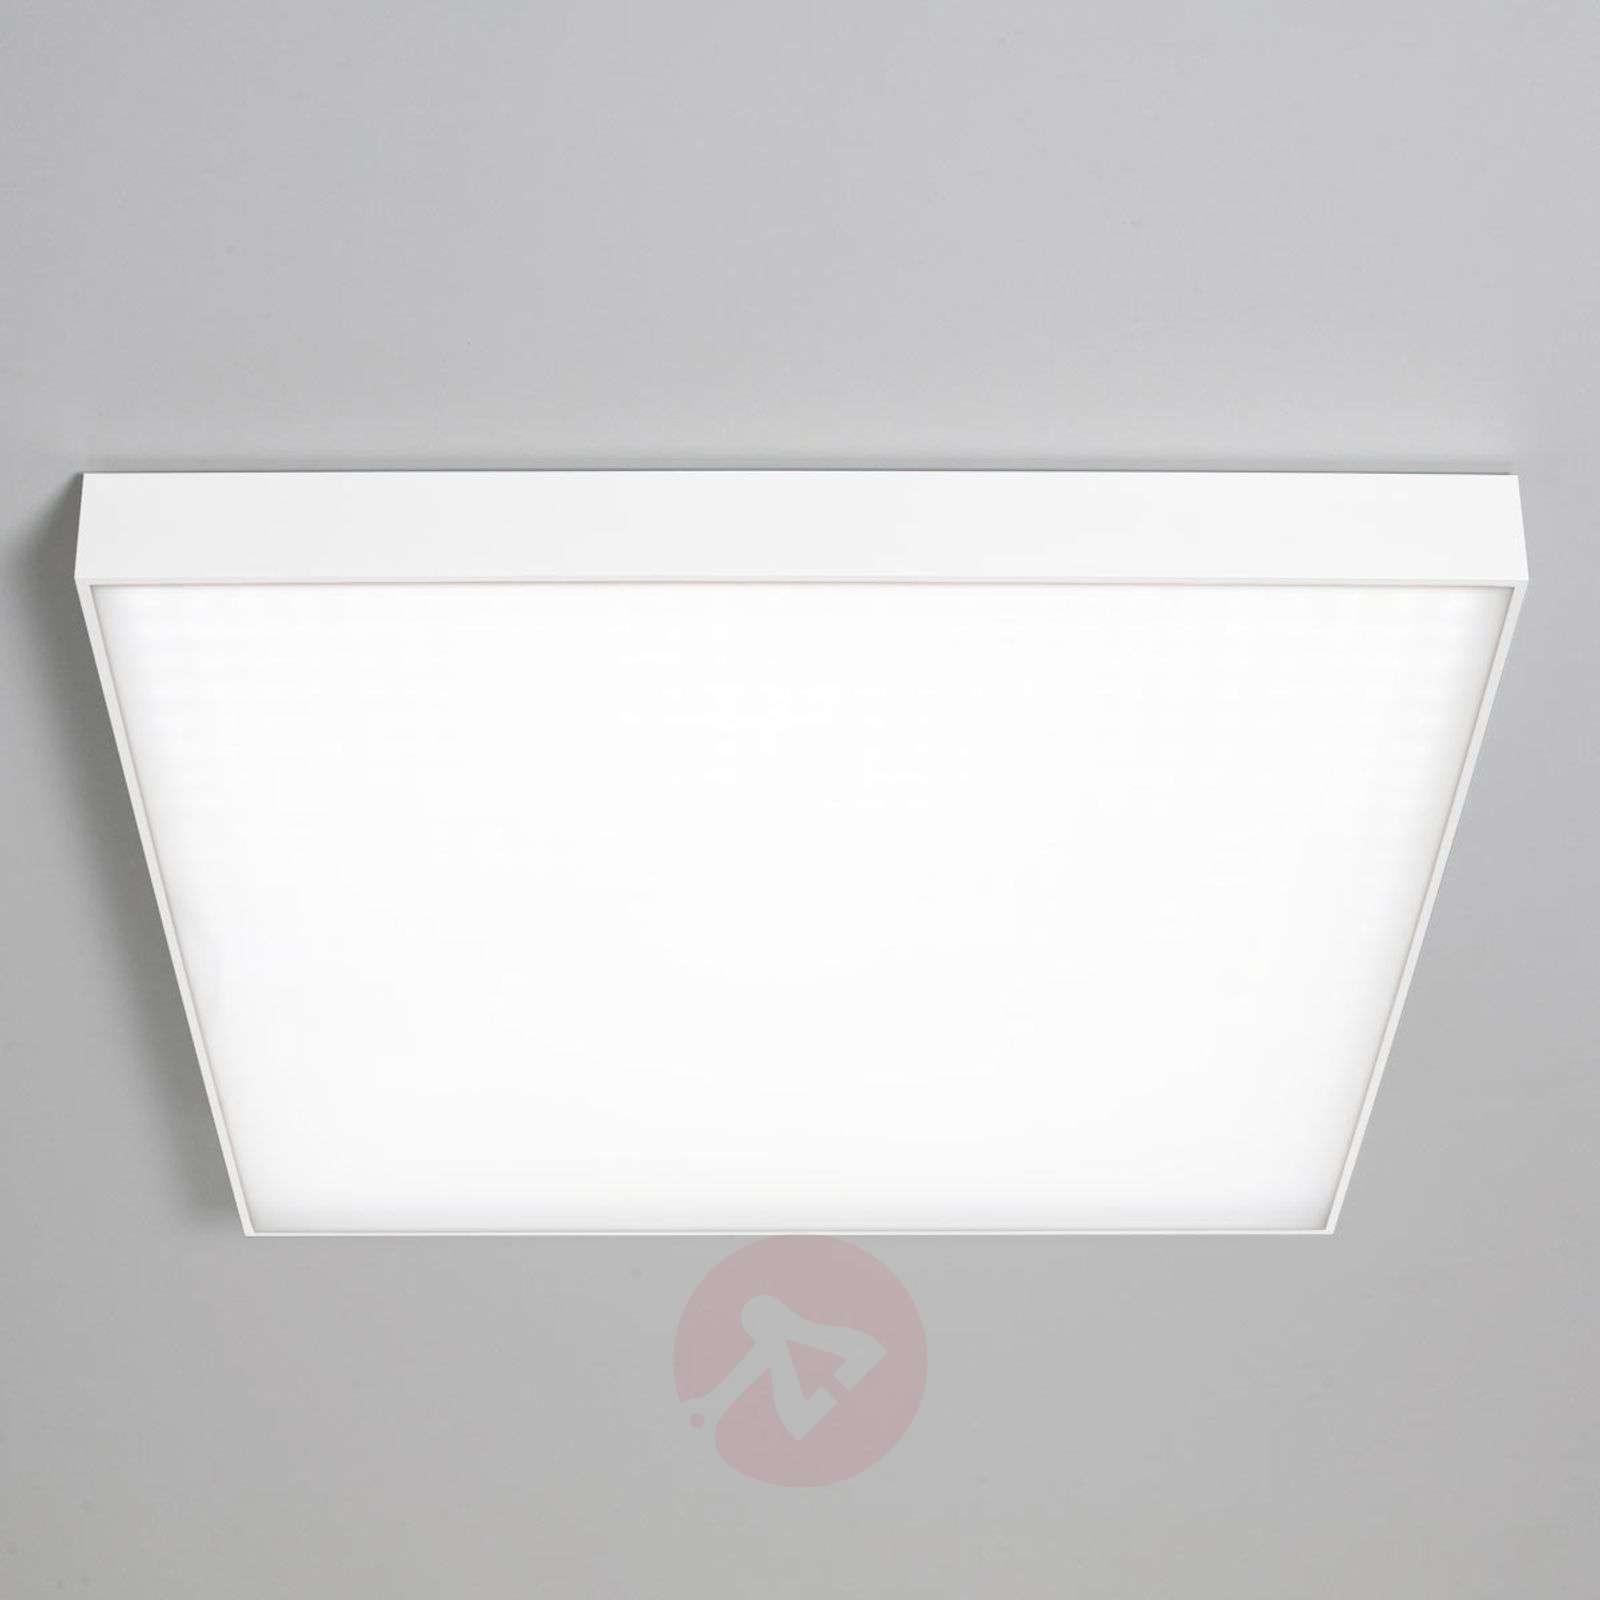 Iso LED-kattolamppu Cadan SD, valkoinen-6523804X-01